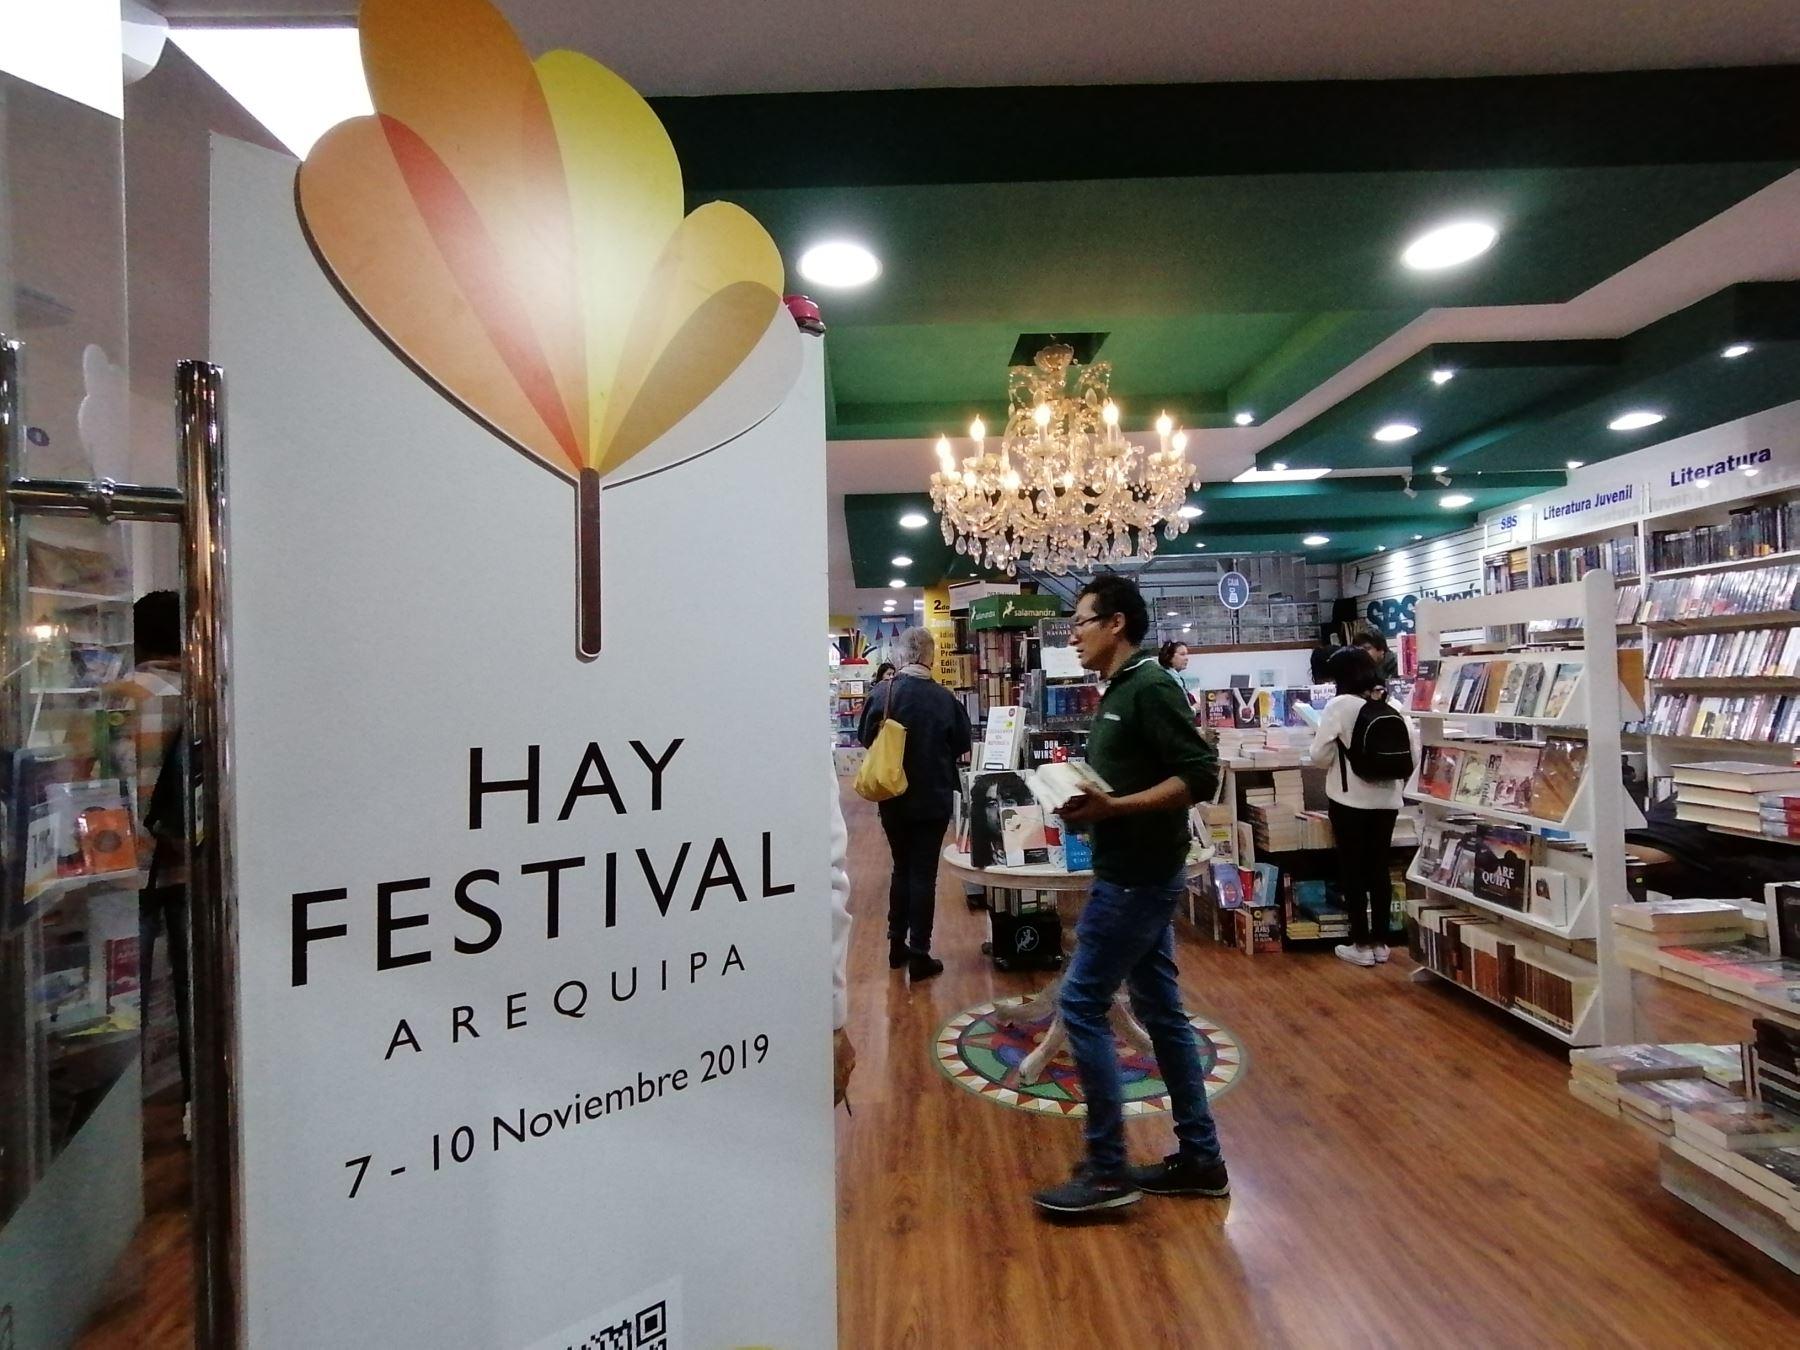 Hay Festival Arequipa. Librería del centro de Arequipa muestra logo del festival en su entrada. Foto: ANDINA/José Vadillo Vila